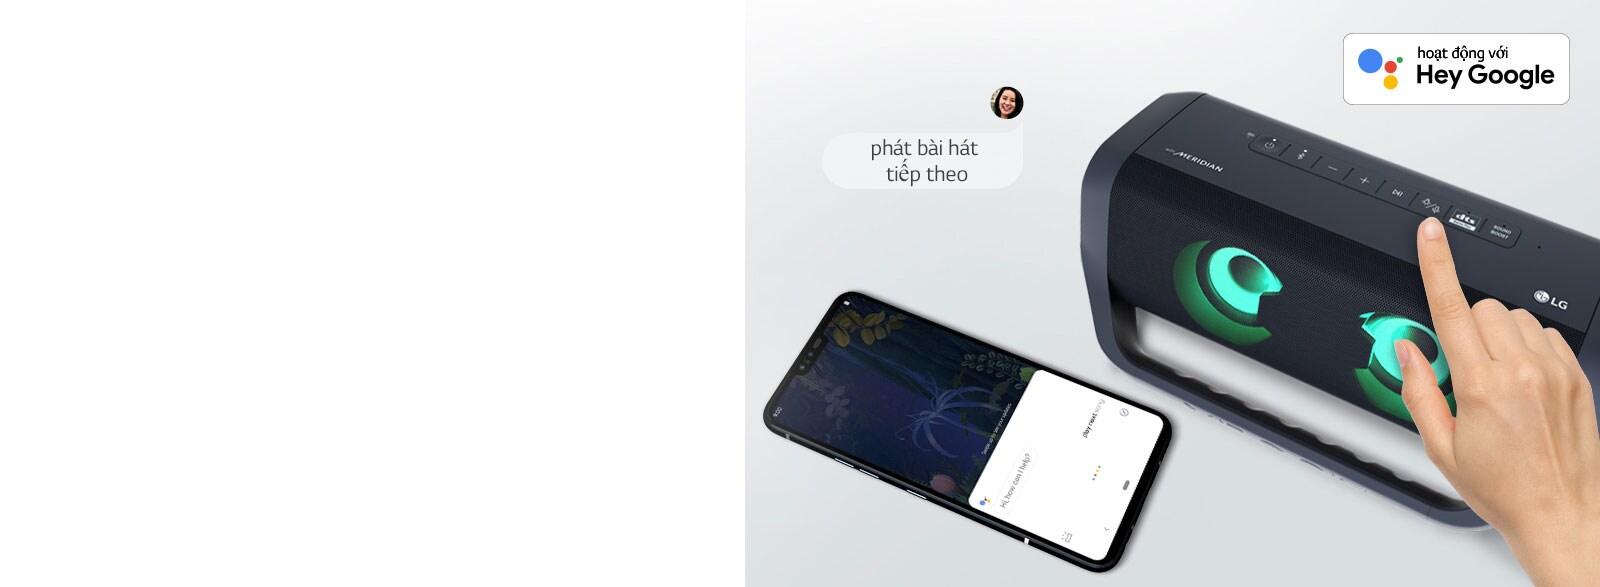 Một bàn tay đang ấn nút của loa LG XBOOM Go. Một chiếc điện thoại thông minh đang đặt bên cạnh. Có bong bóng thoại hiện ra. Logo của Google được đặt ở góc trên bên trái.